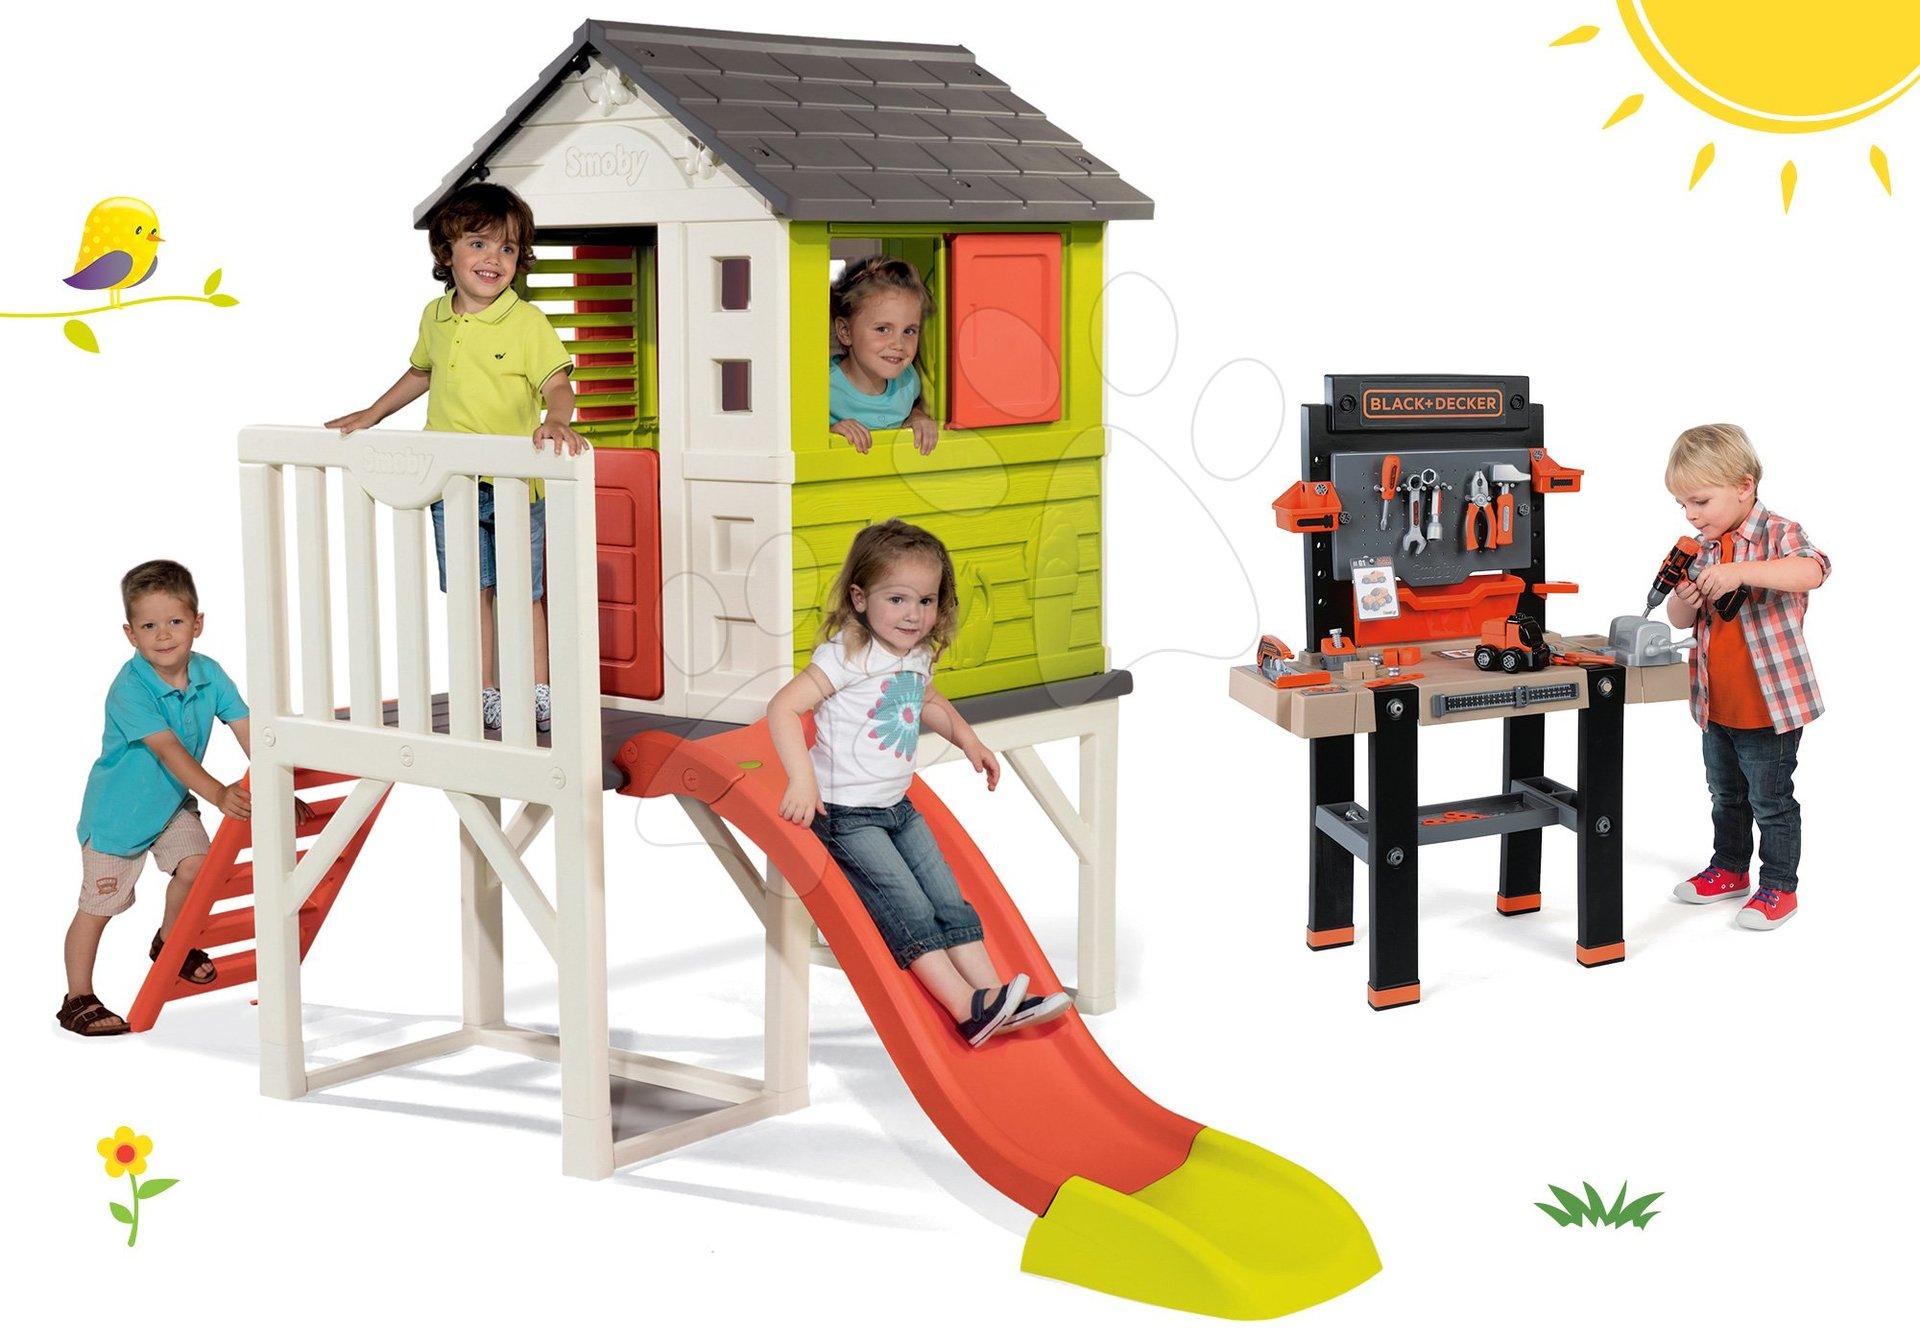 Set domček na pilieroch Pilings House Smoby s 1,5 m šmykľavkou a pracovná dielňa Black+Decker elektronická s vŕtačkou